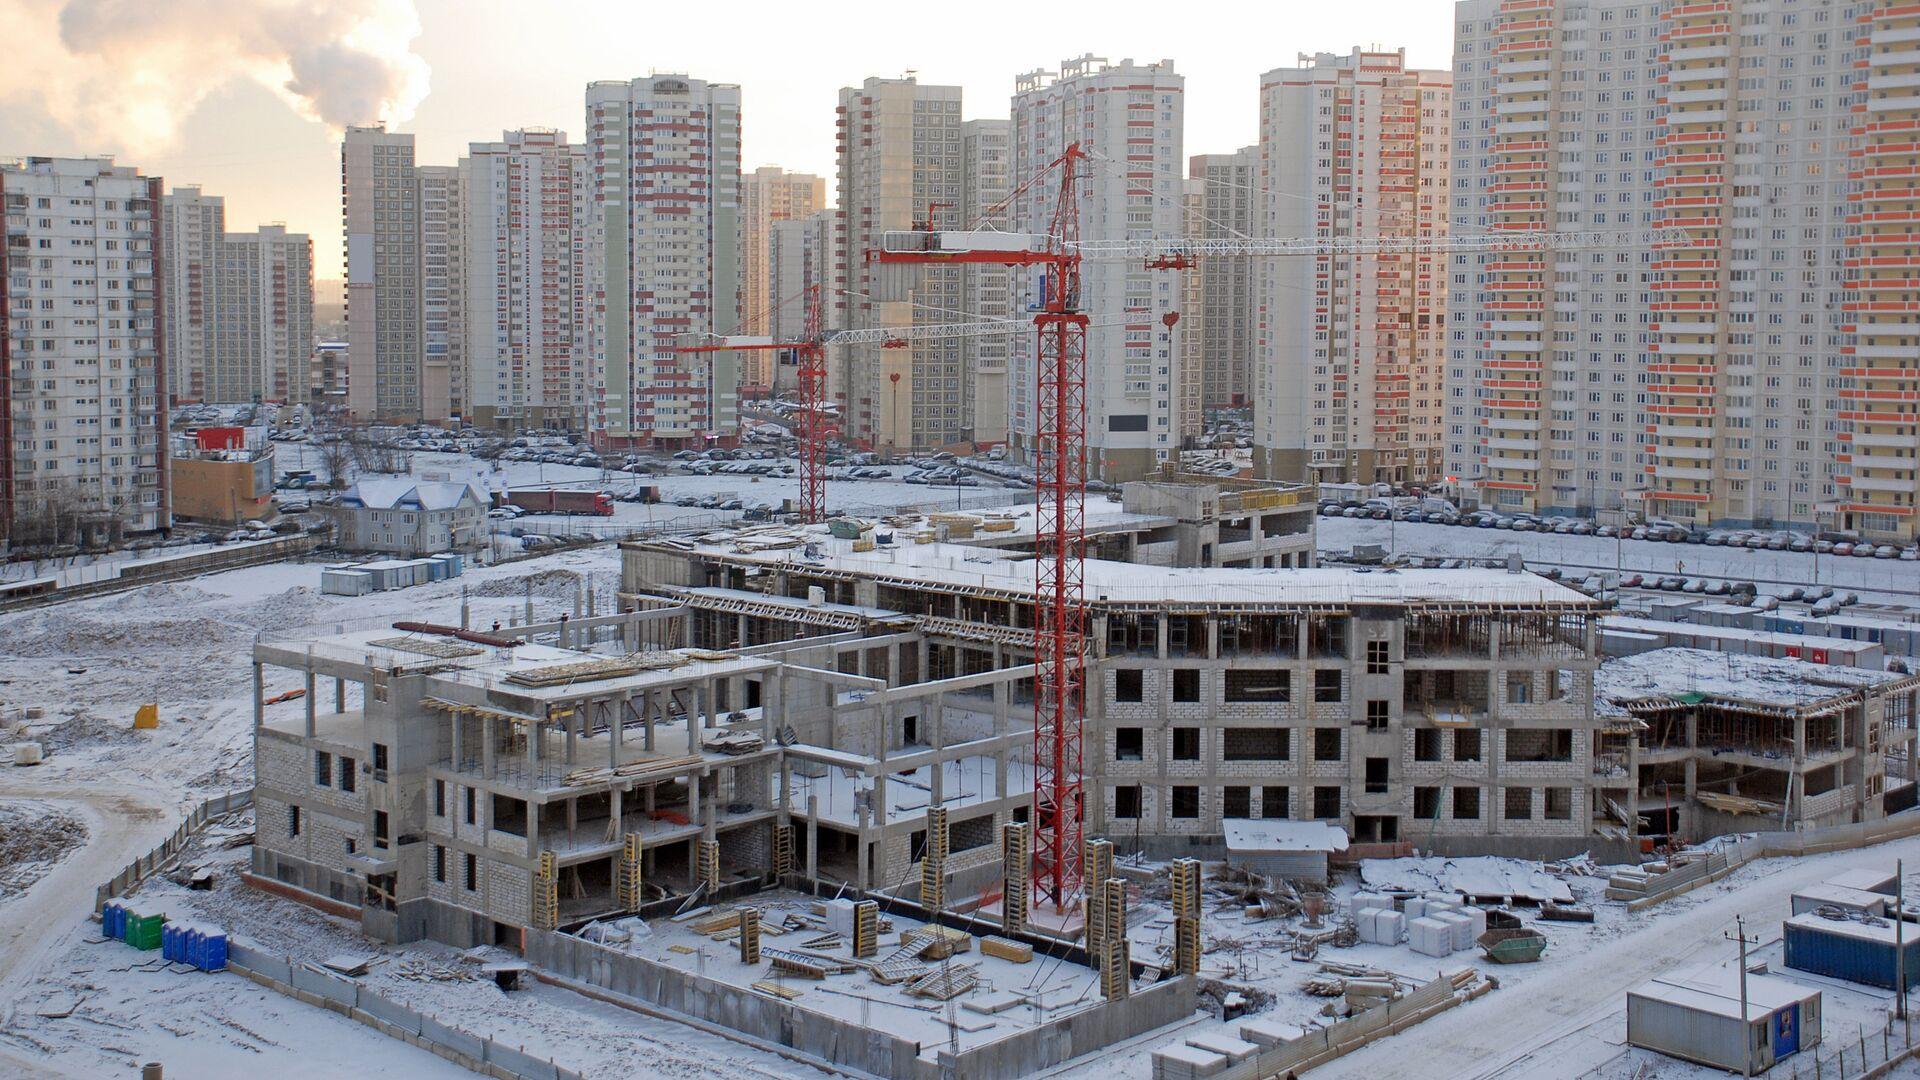 Строительство здания новой школы в зимний день  - РИА Новости, 1920, 09.02.2021